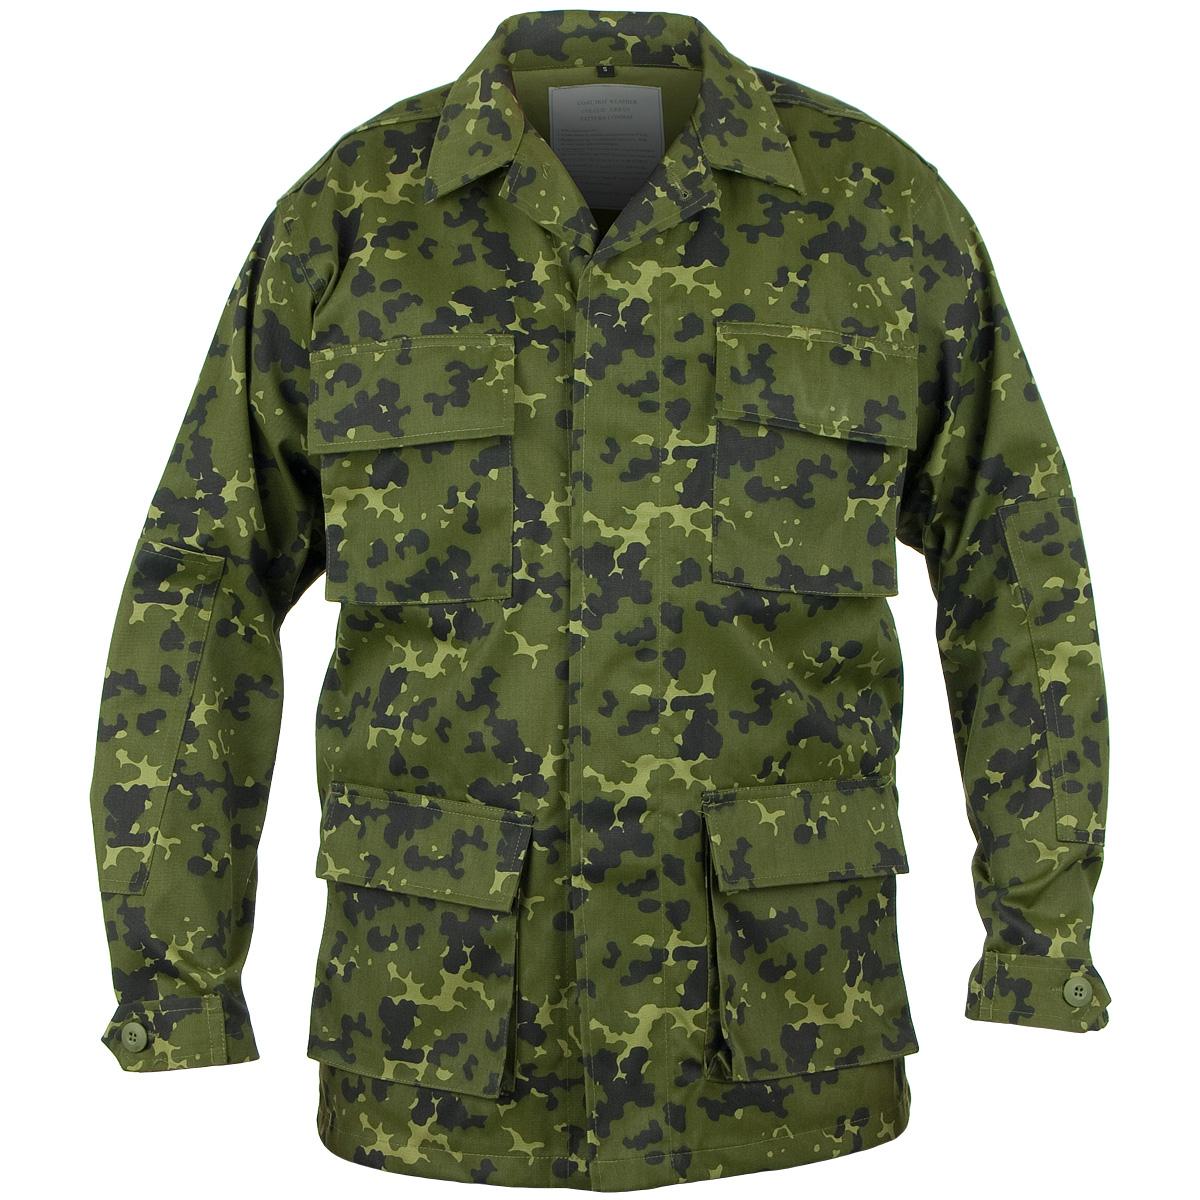 Mil-Tec-Hombres-Combate-Tactico-Bdu-Camisa-Chaqueta-Uniforme-Militar-Danesa-M84